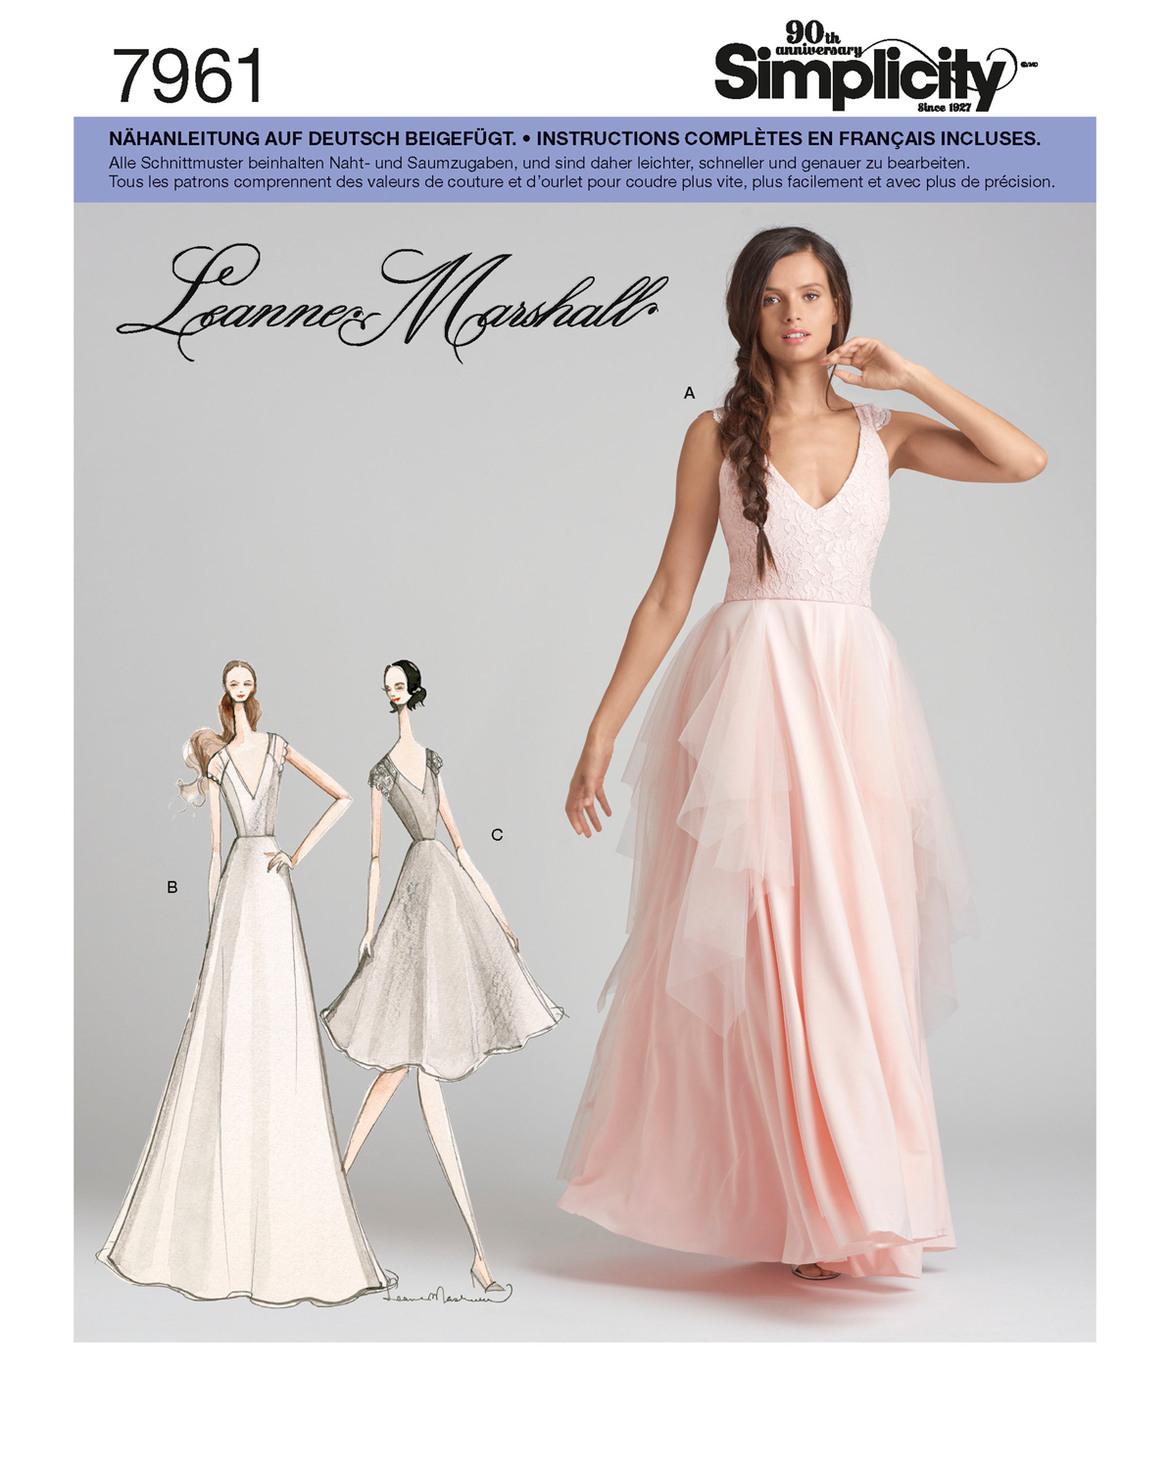 13 Wunderbar Abendkleider Ungarn VertriebDesigner Einfach Abendkleider Ungarn Boutique